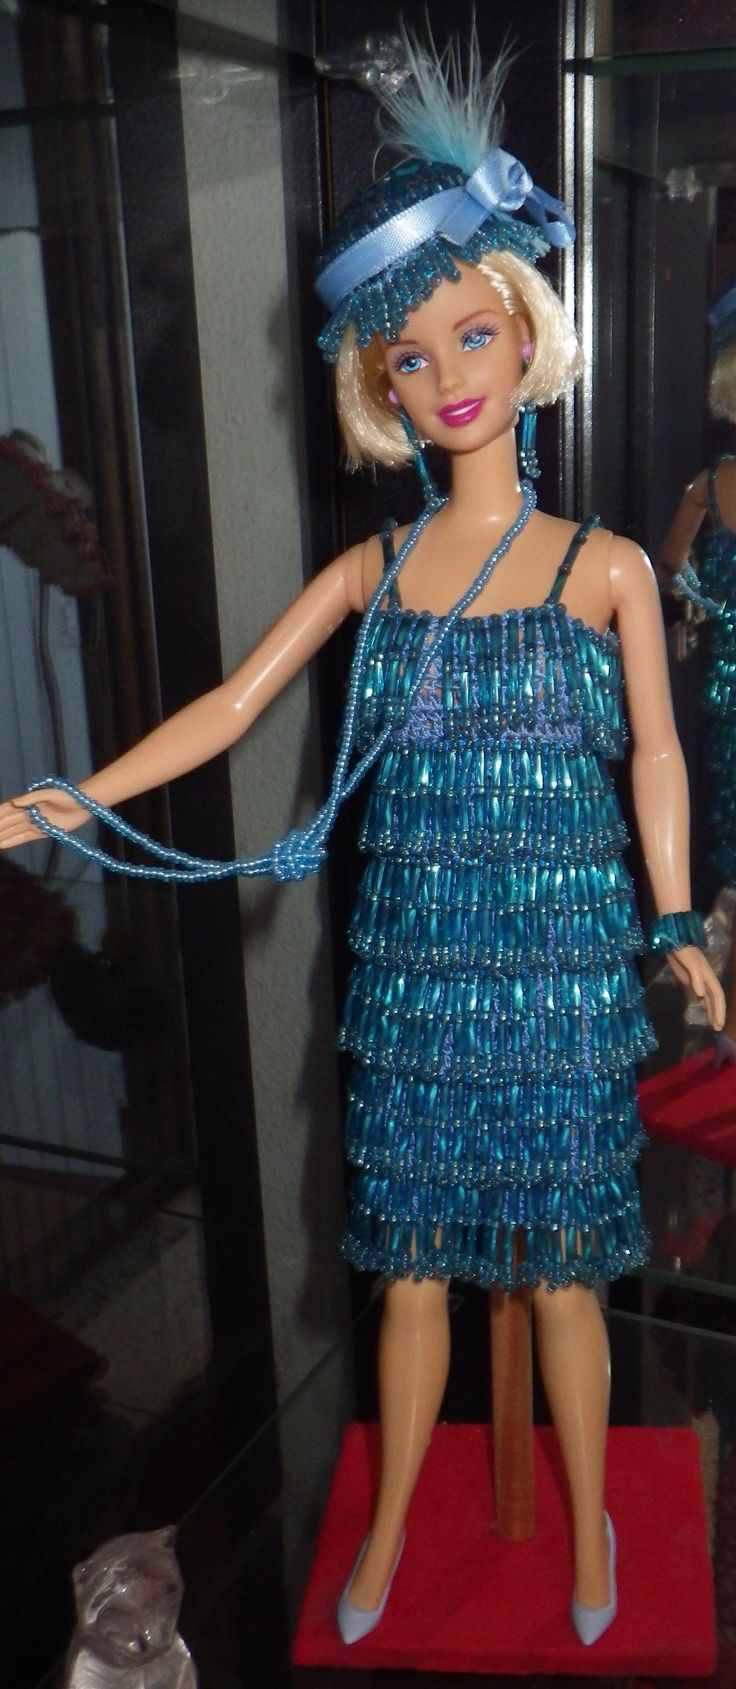 252 best Barbie : Briana images on Pinterest | Barbie stil ...